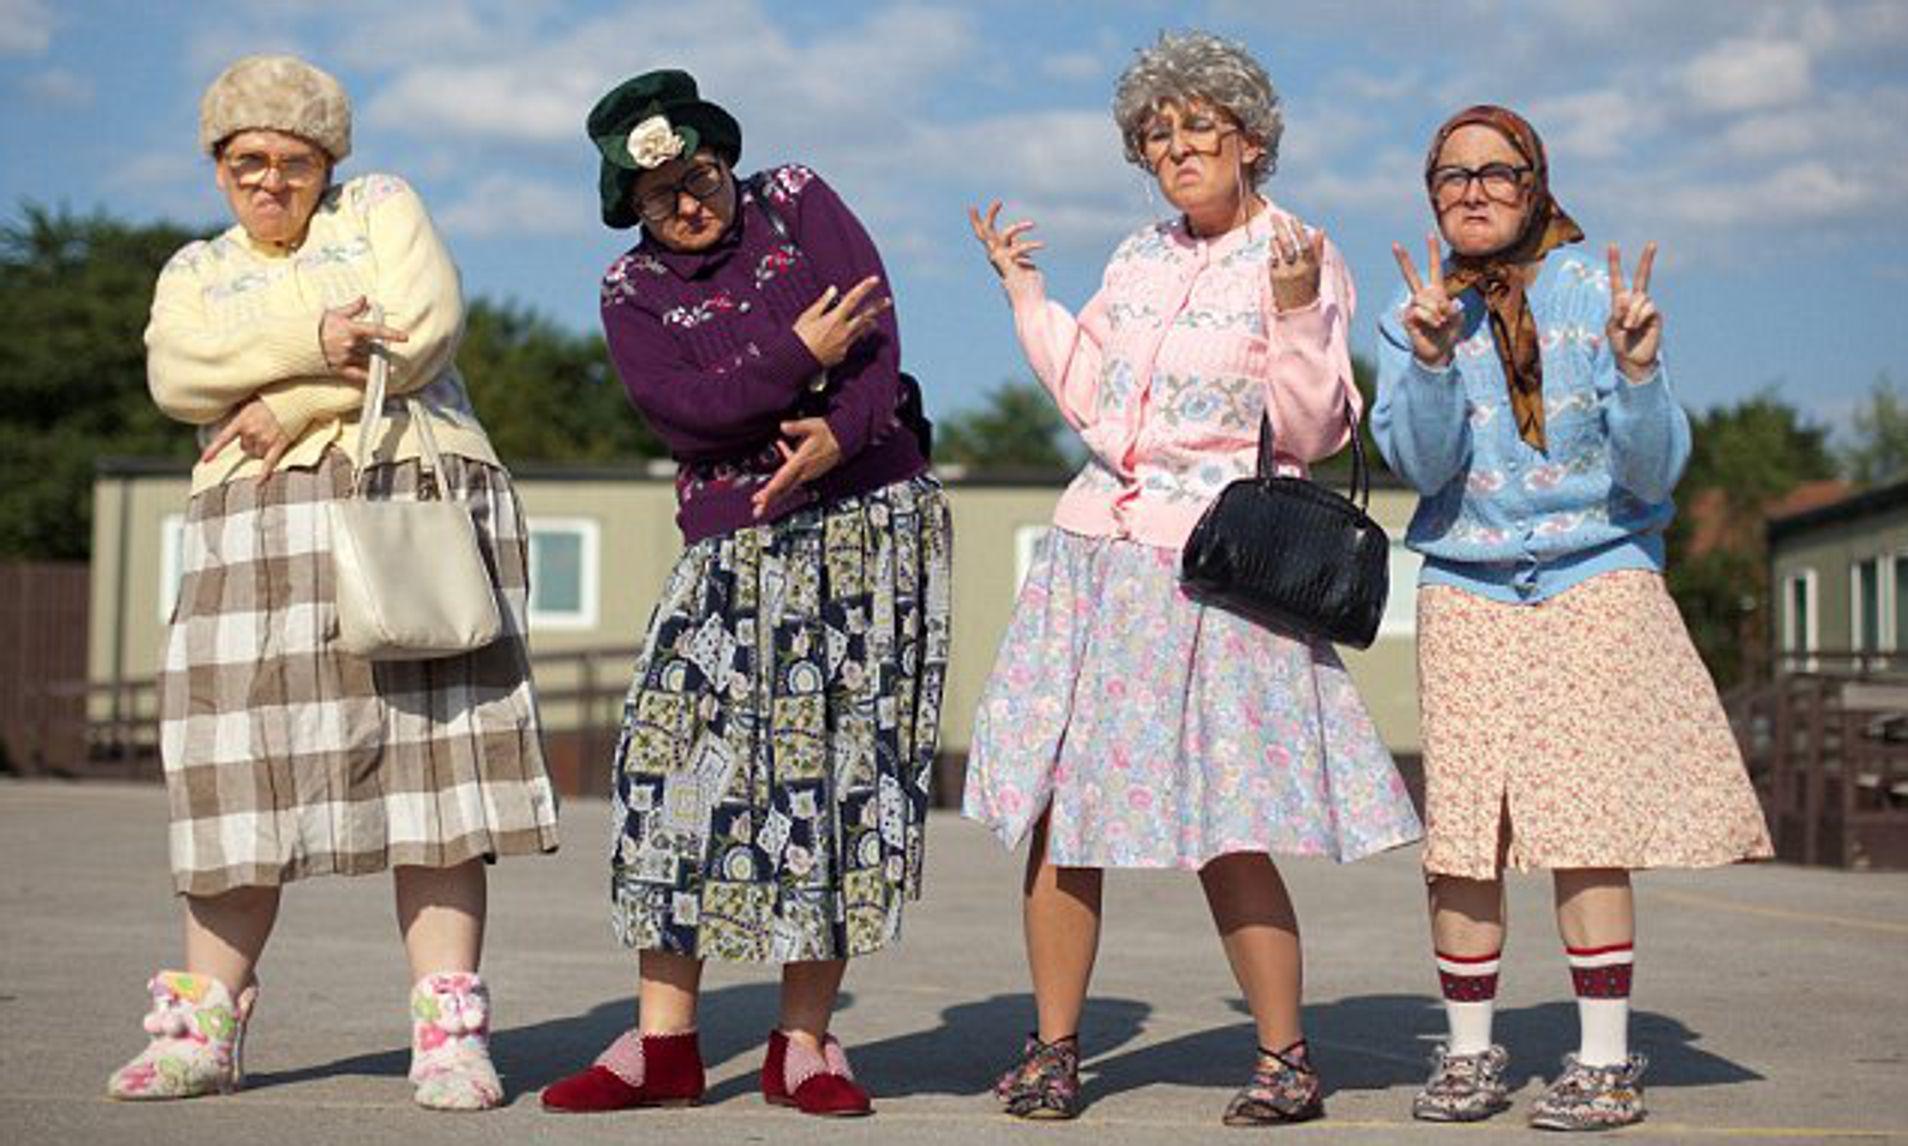 The_dancing_grannies.jpg